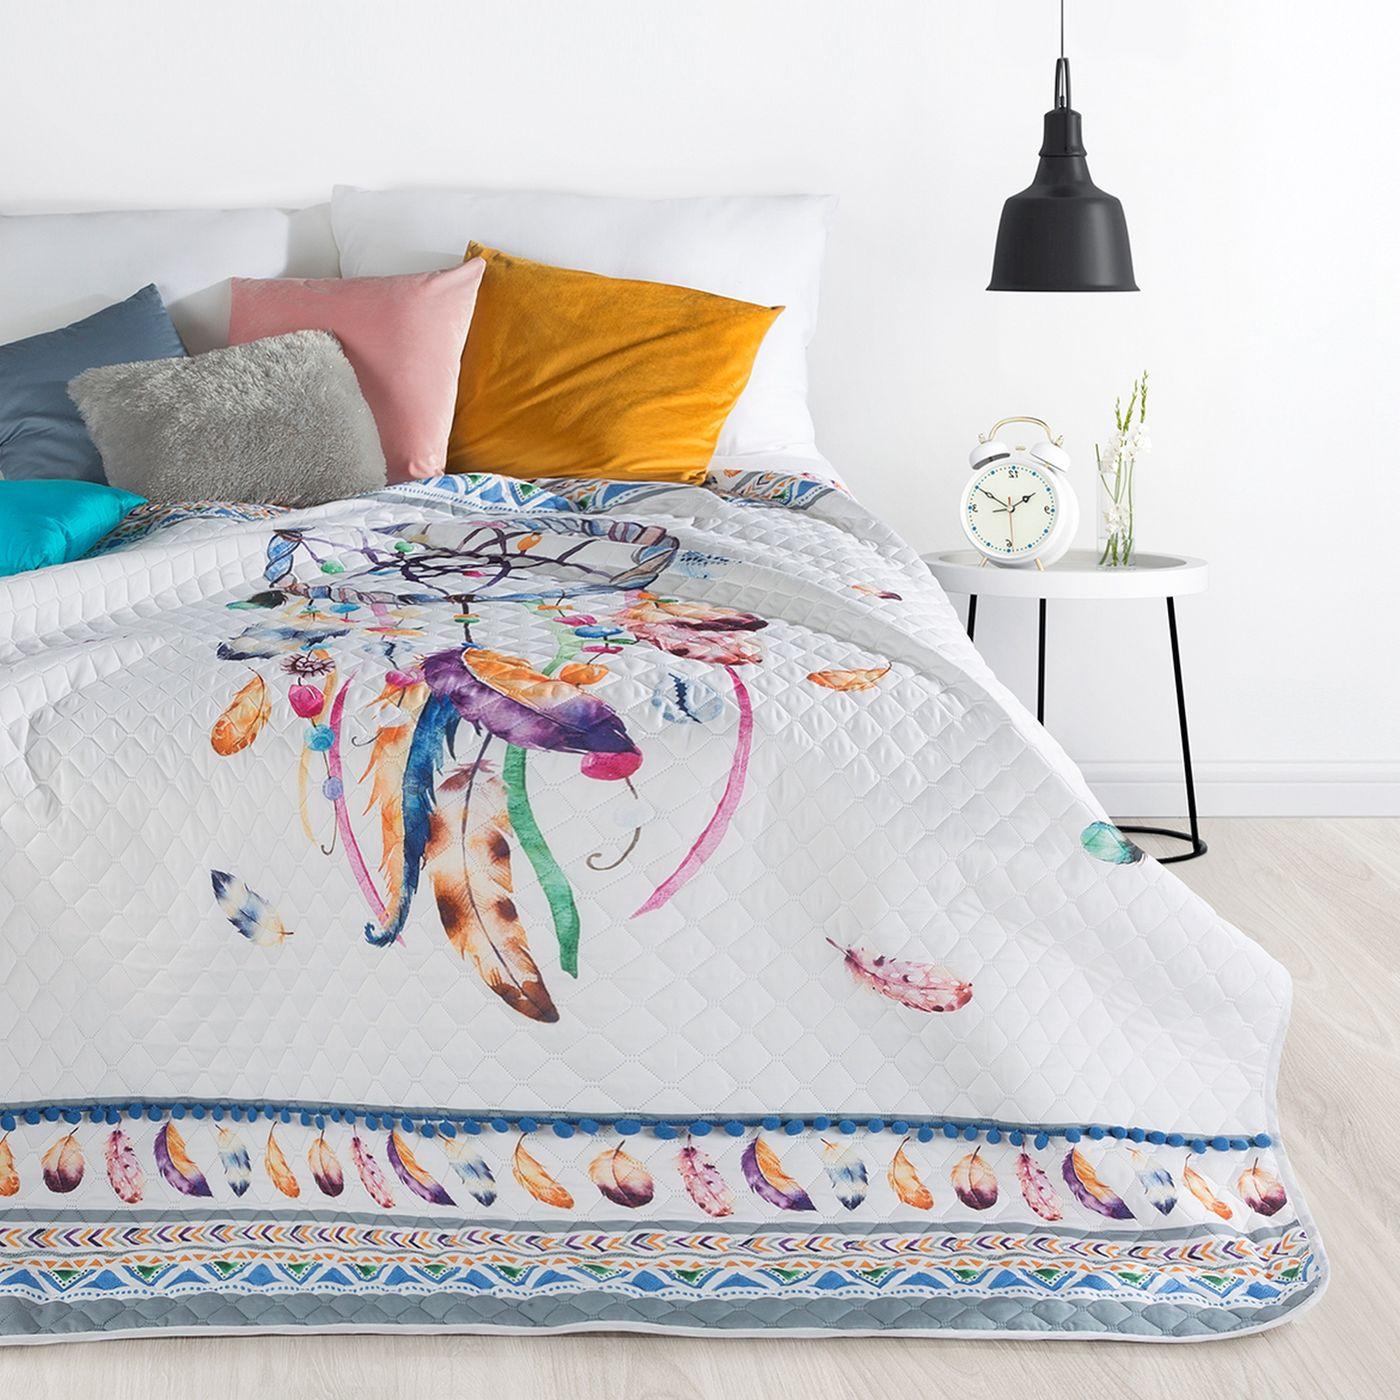 Narzuta łapacz snów modny styl boho żywe kolory 200x220cm